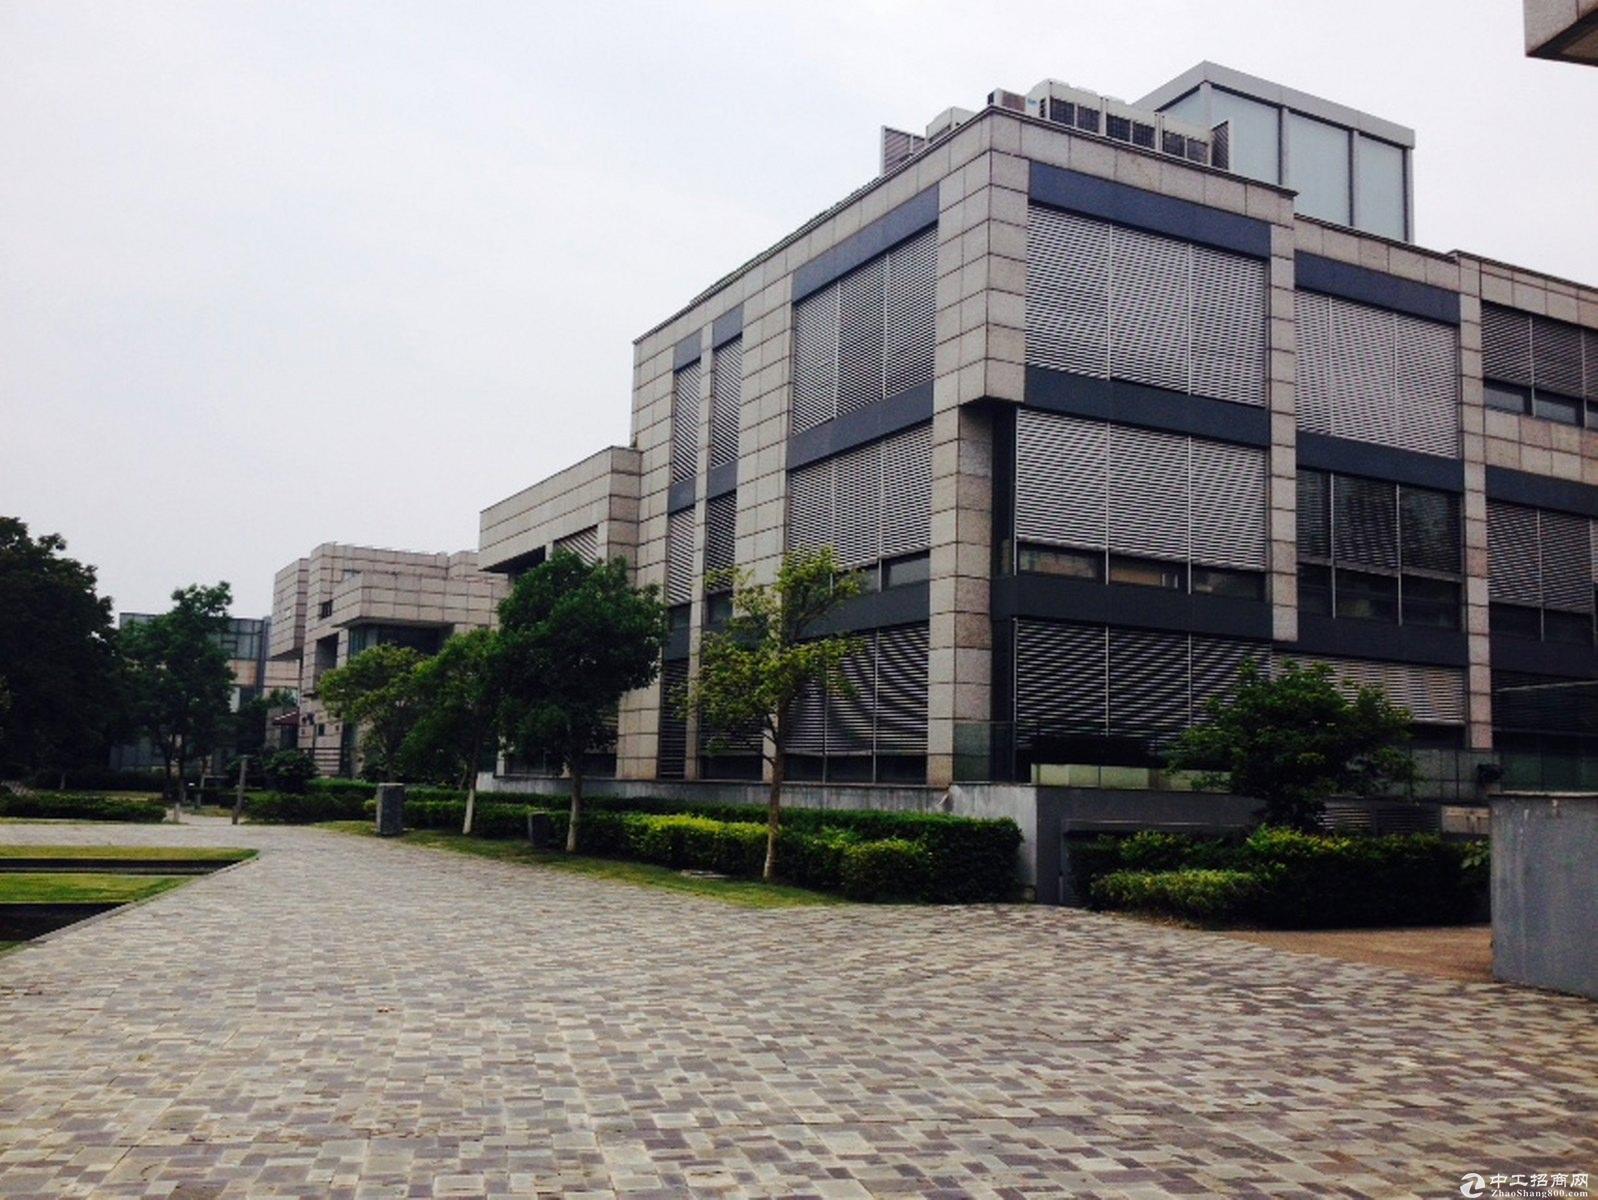 宝山真陈路独栋1640平带电梯办公研发贸易小加工大楼诚意售